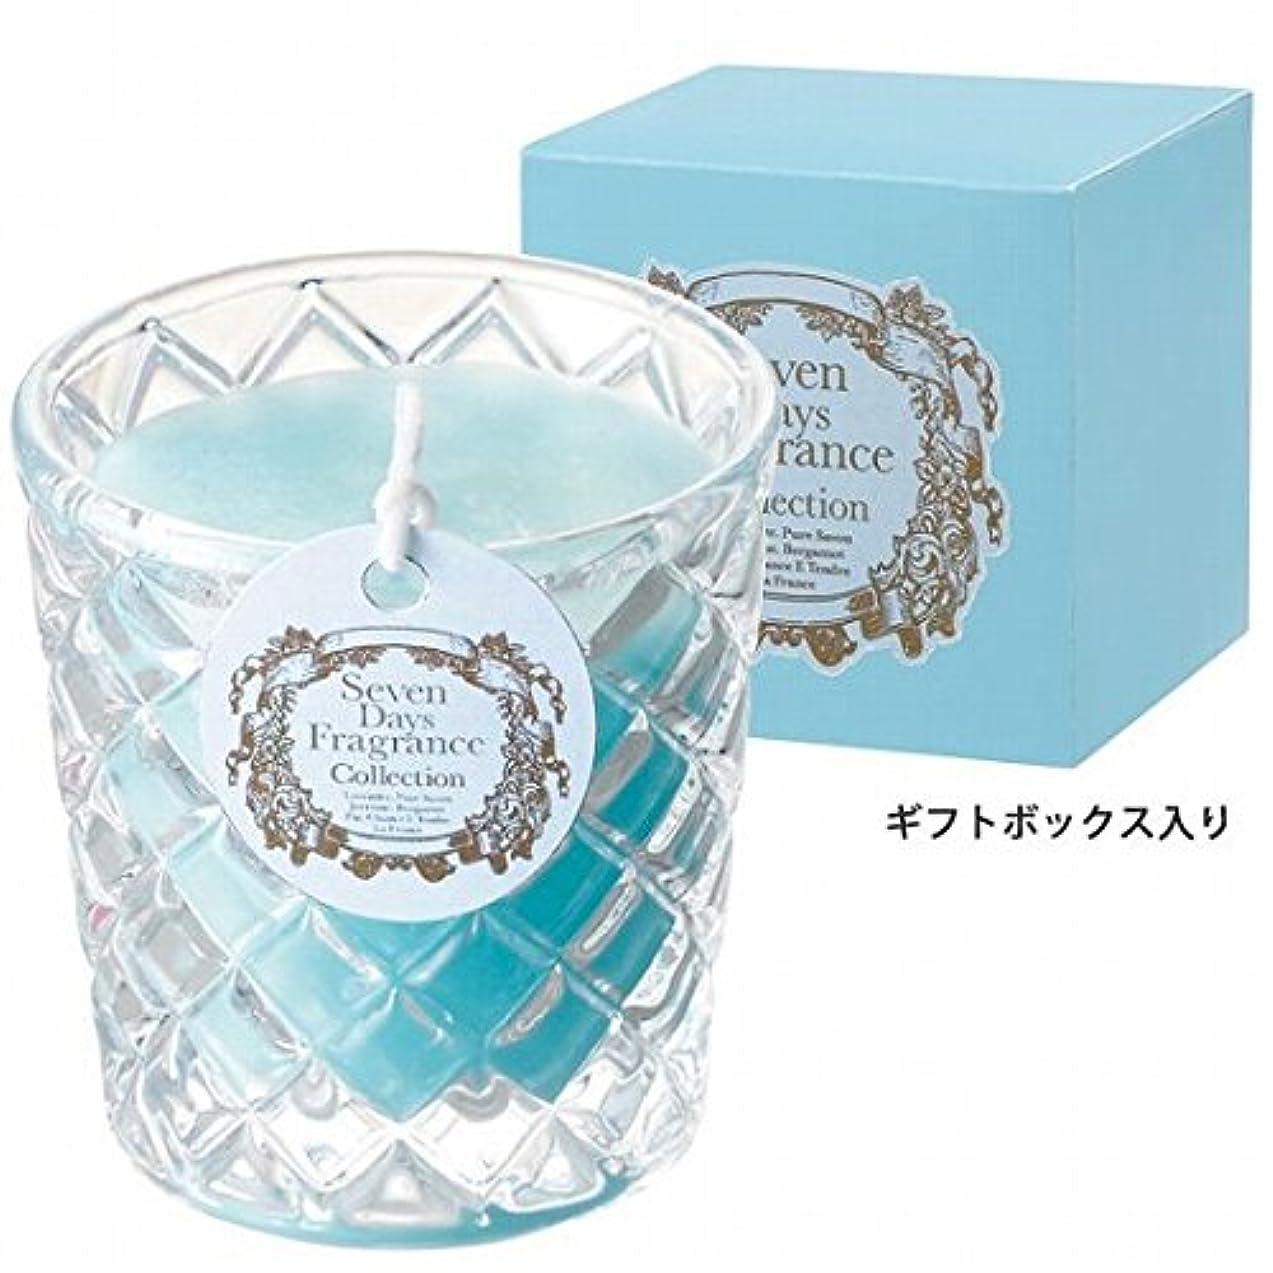 間違えた五十スライスカメヤマキャンドル(kameyama candle) セブンデイズグラスキャンドル(月曜日) 「 ピュアサボン 」